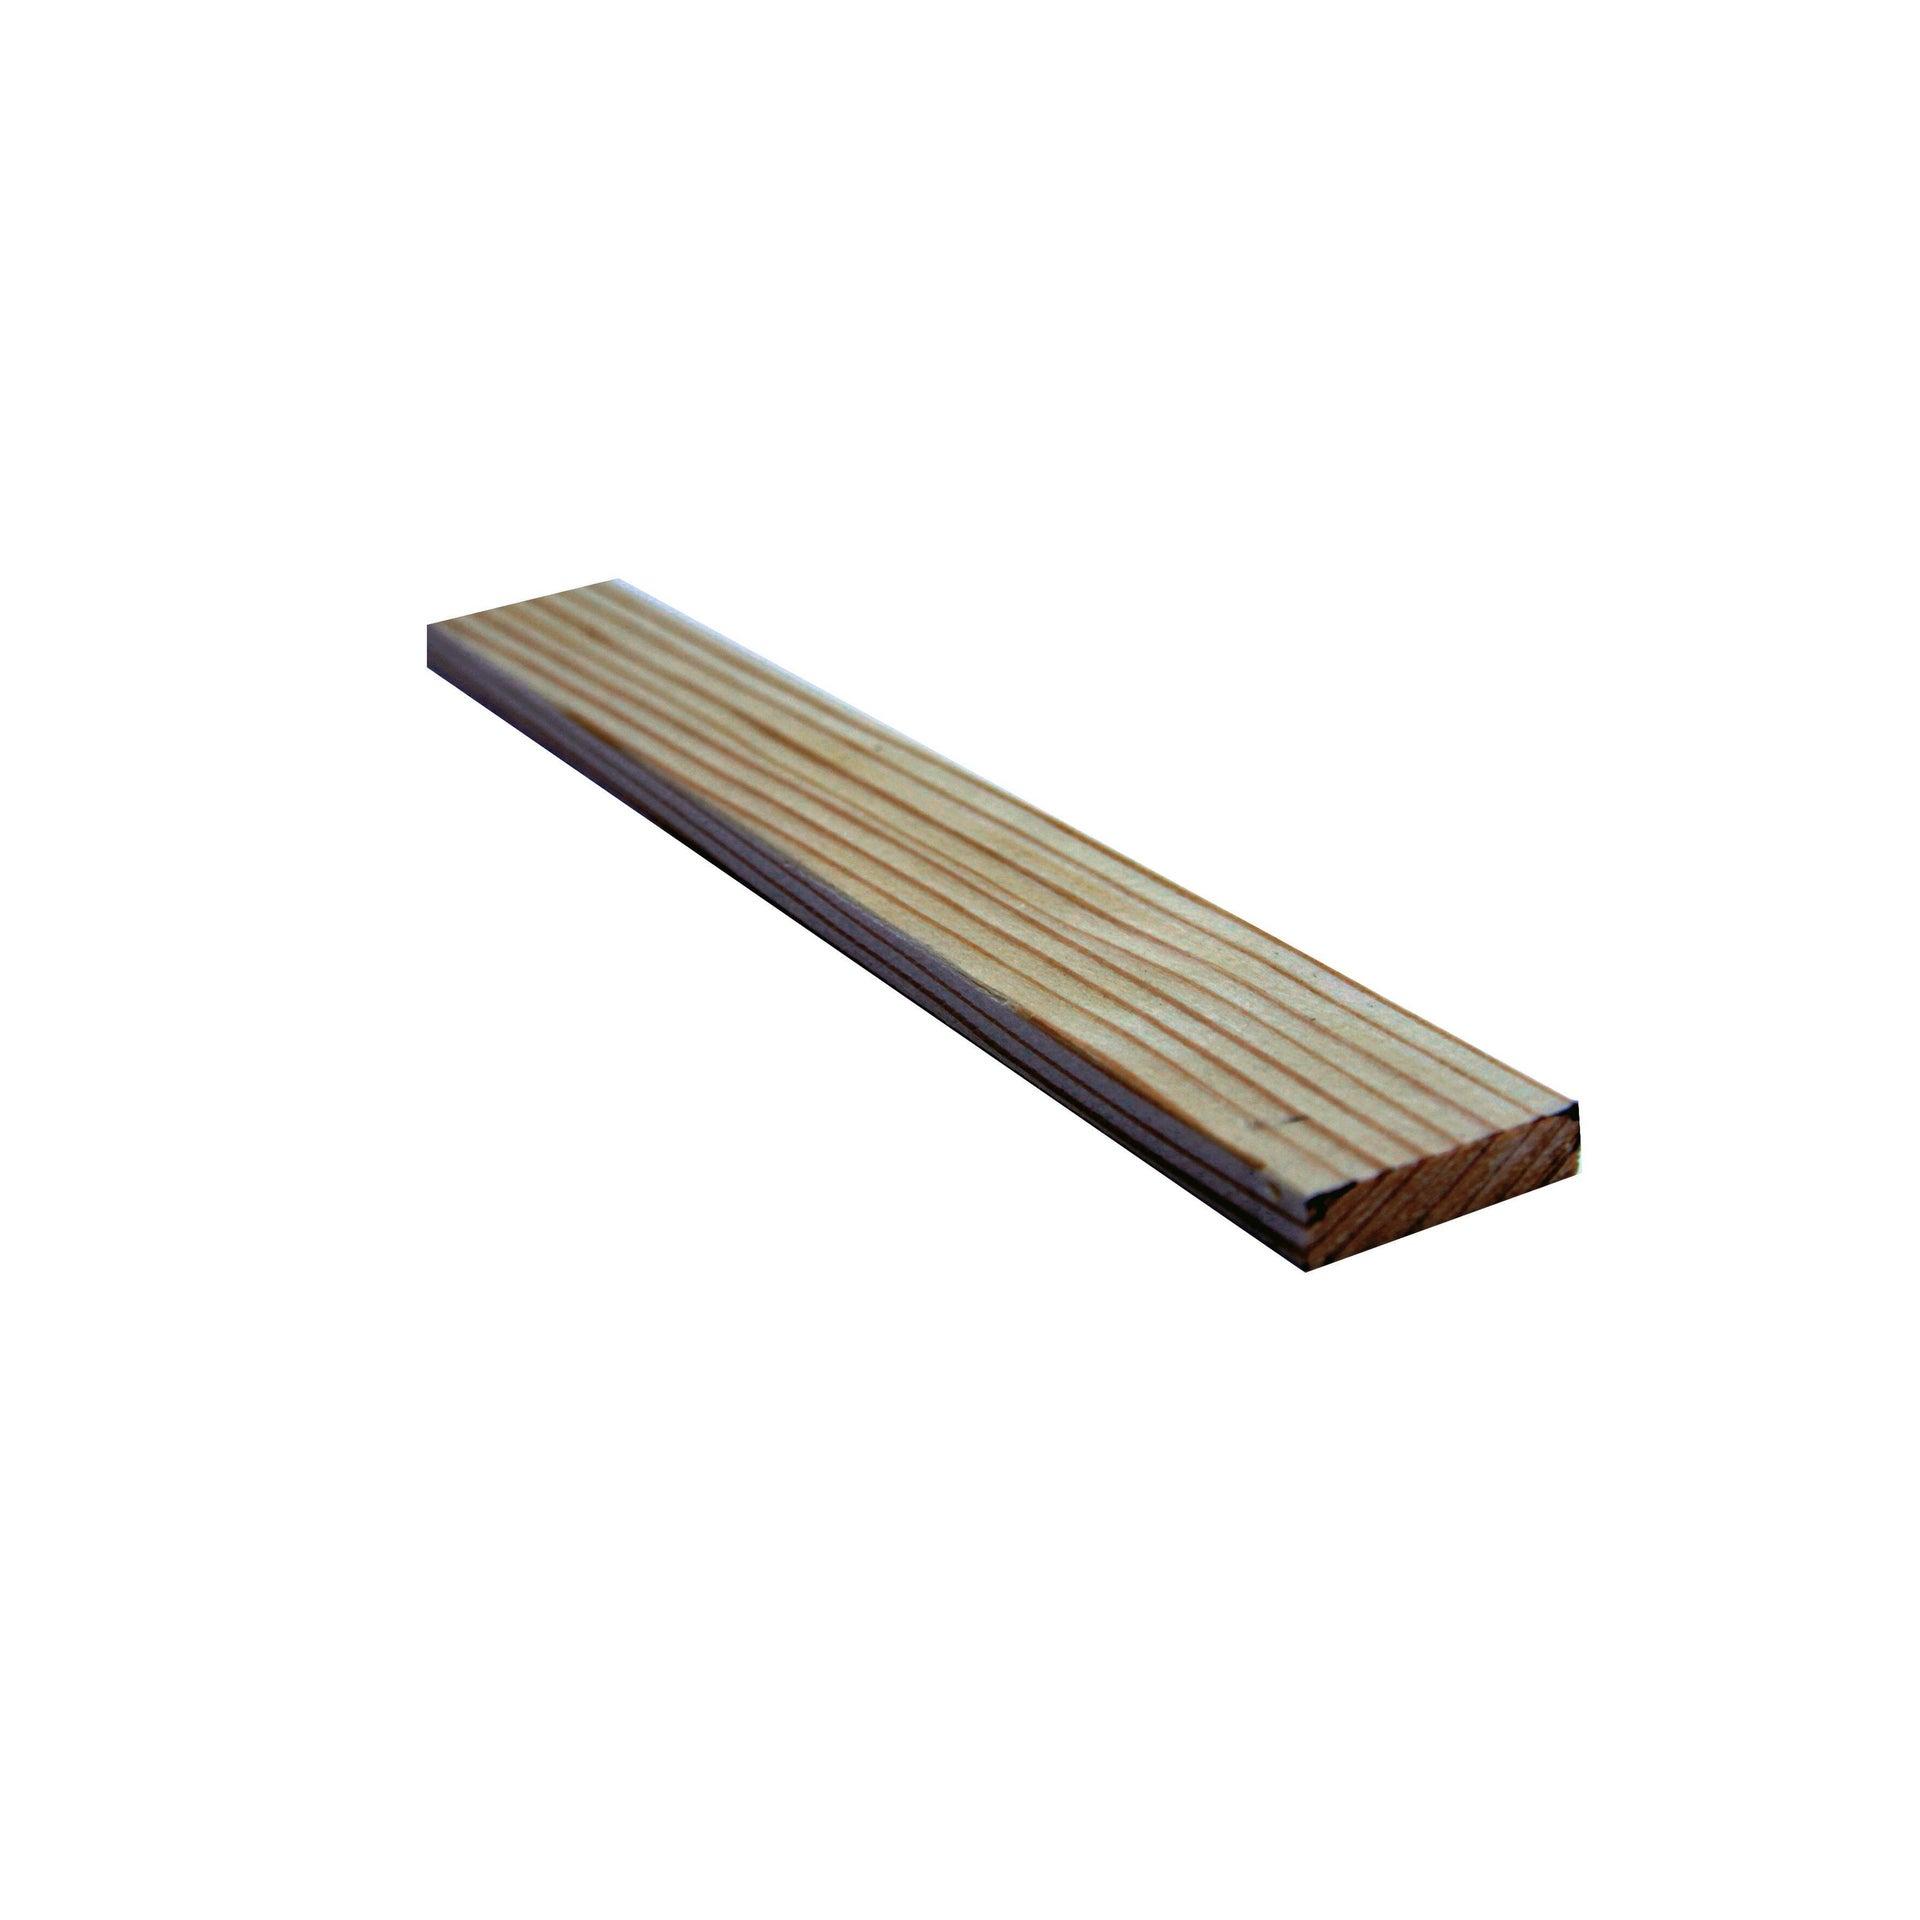 Listello piallato pino 2.1 m x 40 mm, Sp 10 mm